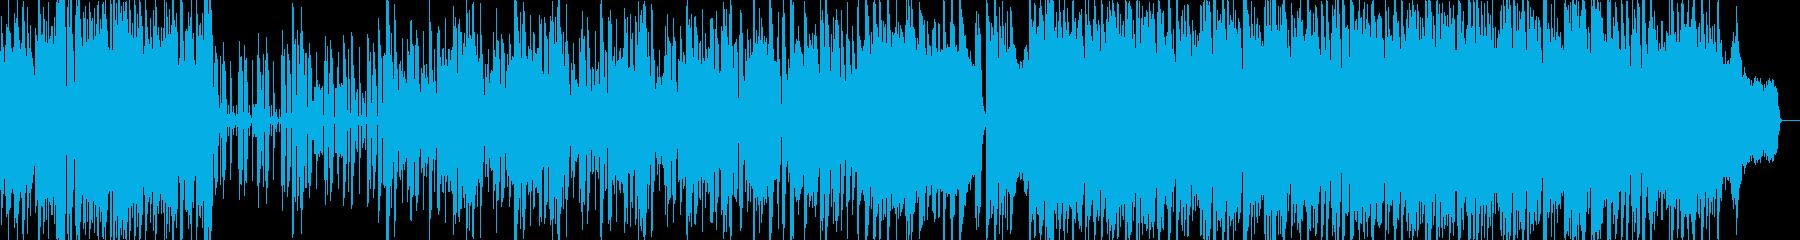 ポップでキャッチーな元気ピアノ繊細の再生済みの波形